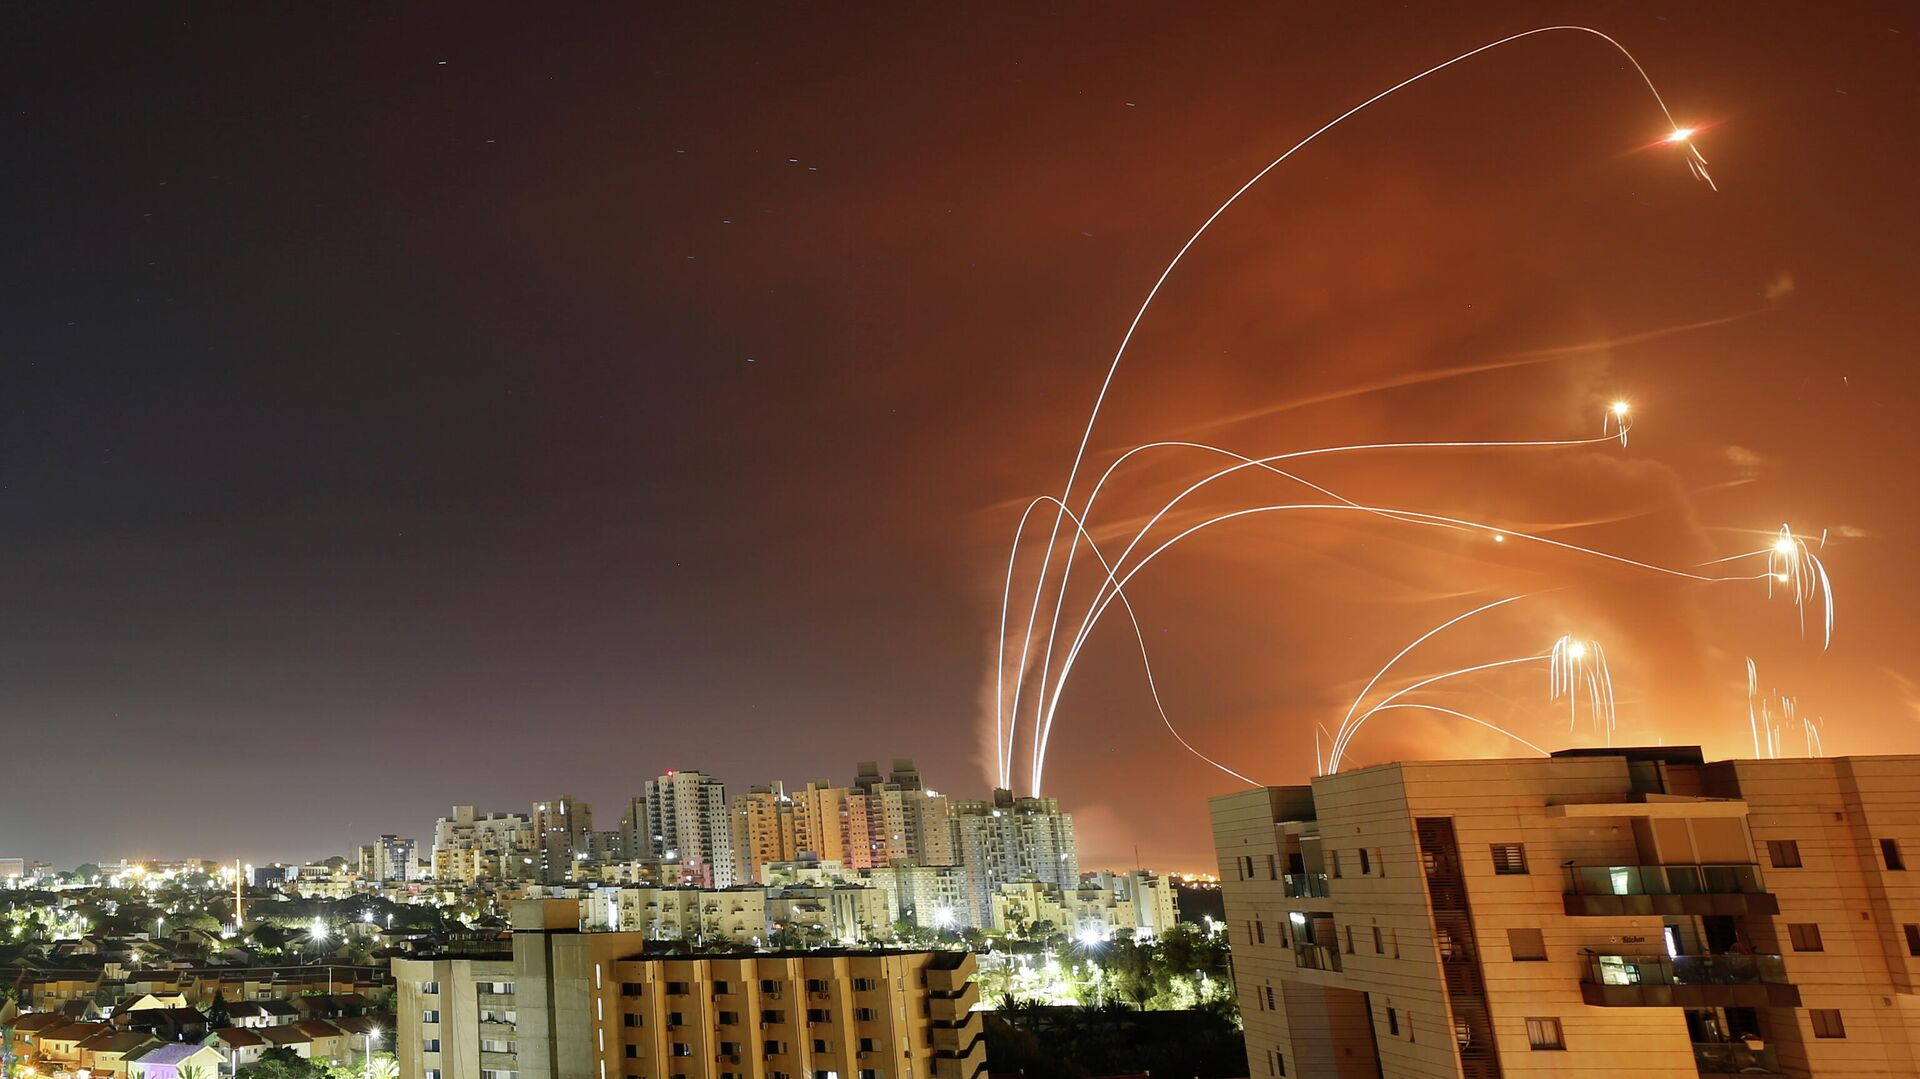 Противоракетная система Железный купол перехватывает ракеты, запущенные из сектора Газа в направлении Израиля - РИА Новости, 1920, 12.05.2021